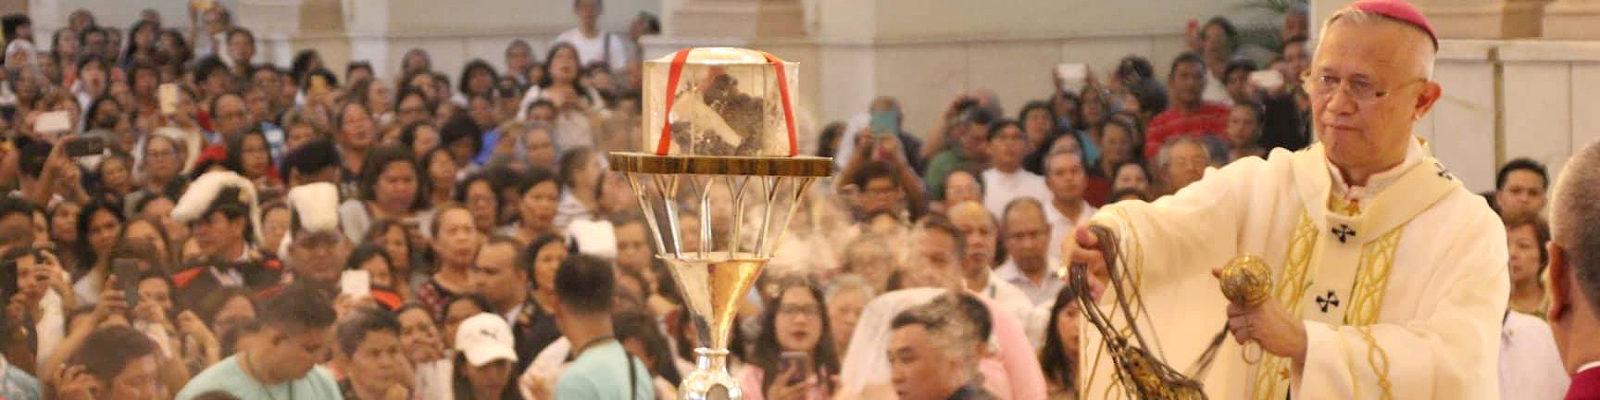 PadrePio-Cebu-CBCPNews-101118-02